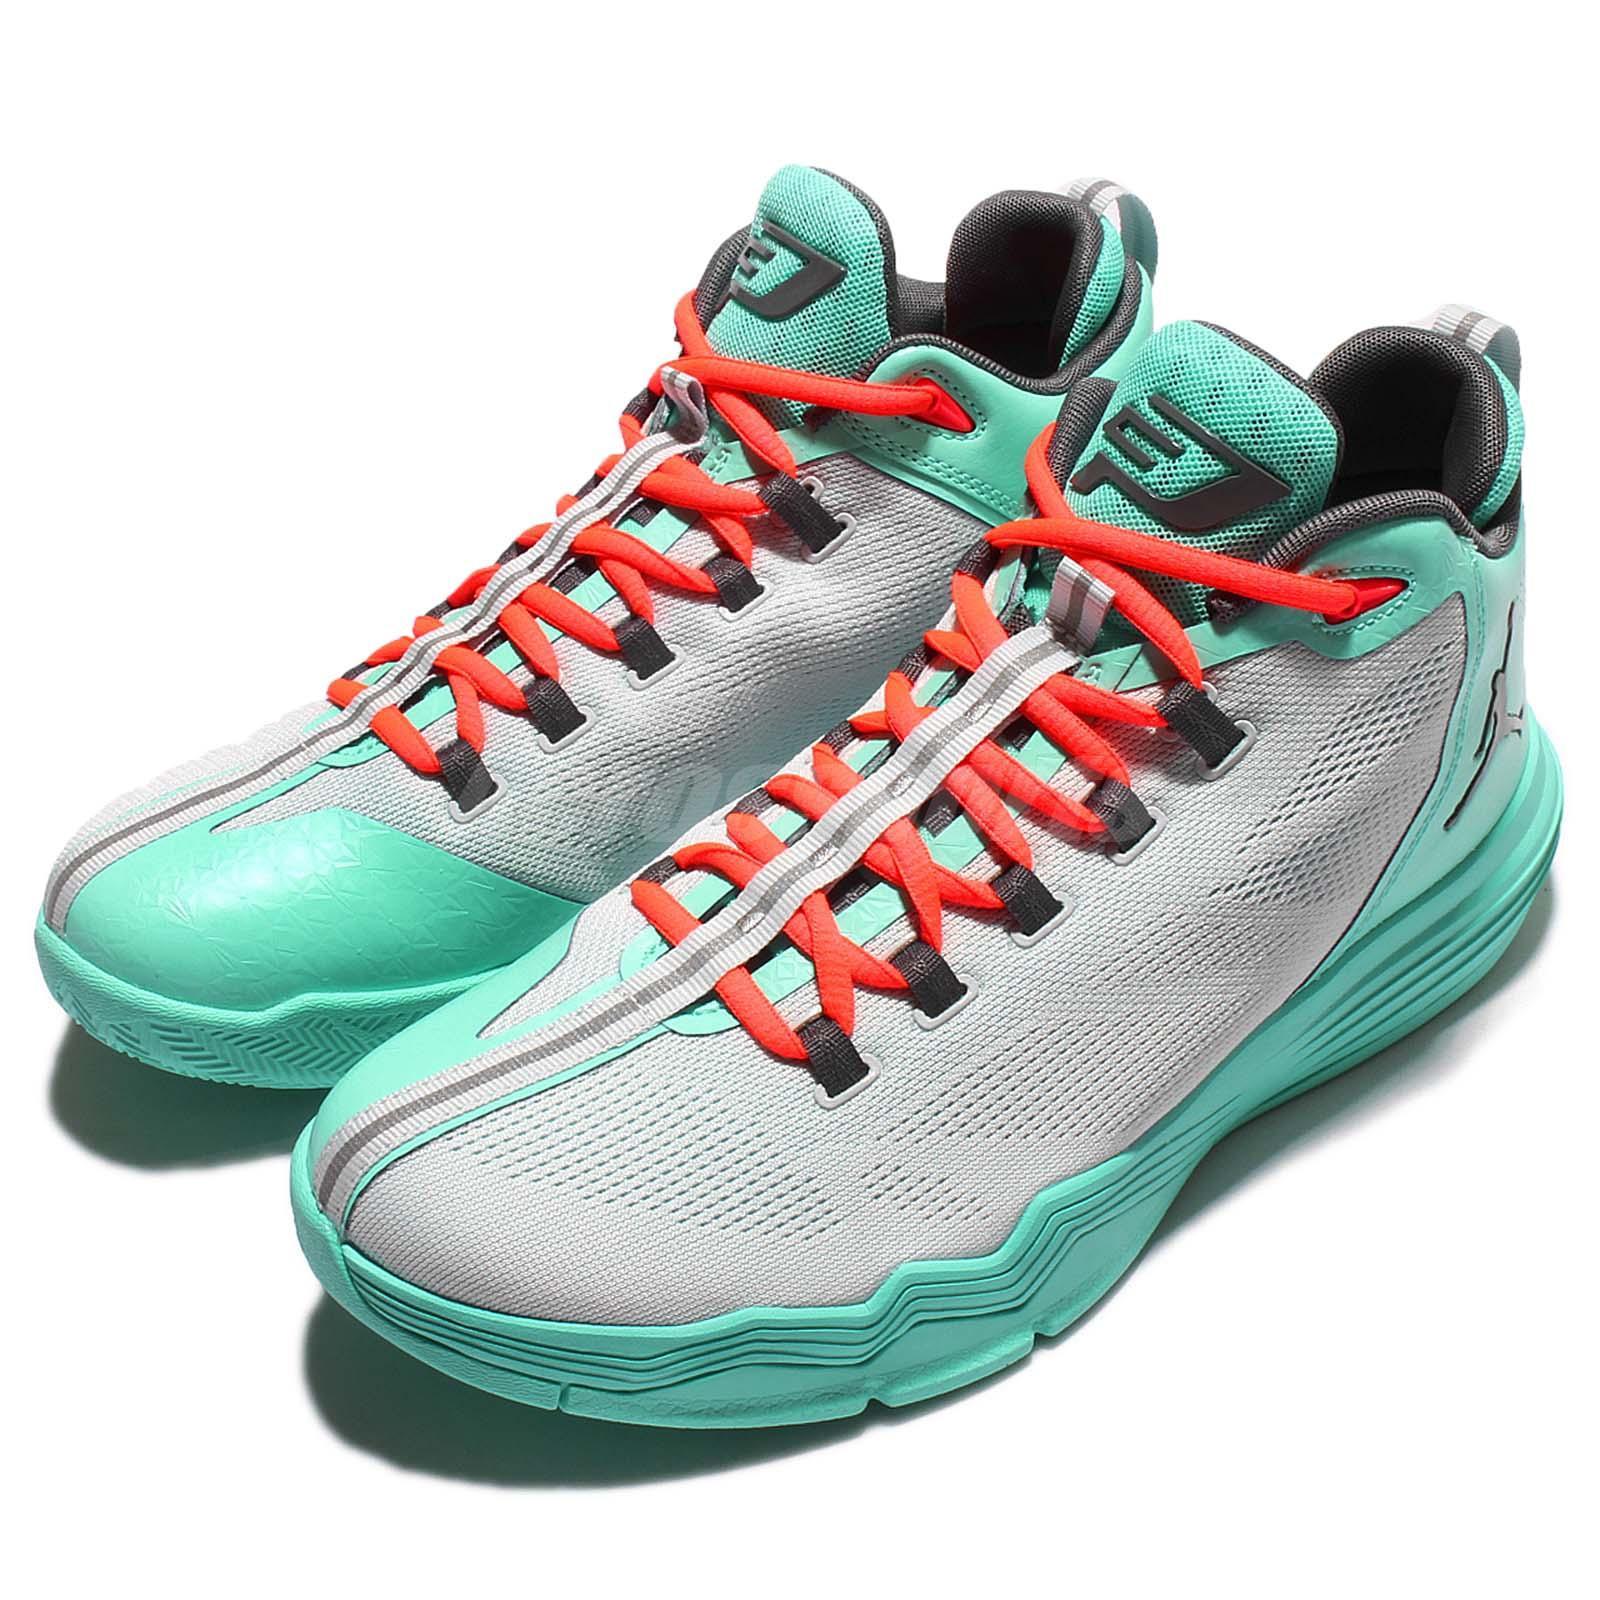 Elbplanke Ä Tännsch N Please: Nike Jordan CP3.IX AE X 9 Chris Paul White Green Mens